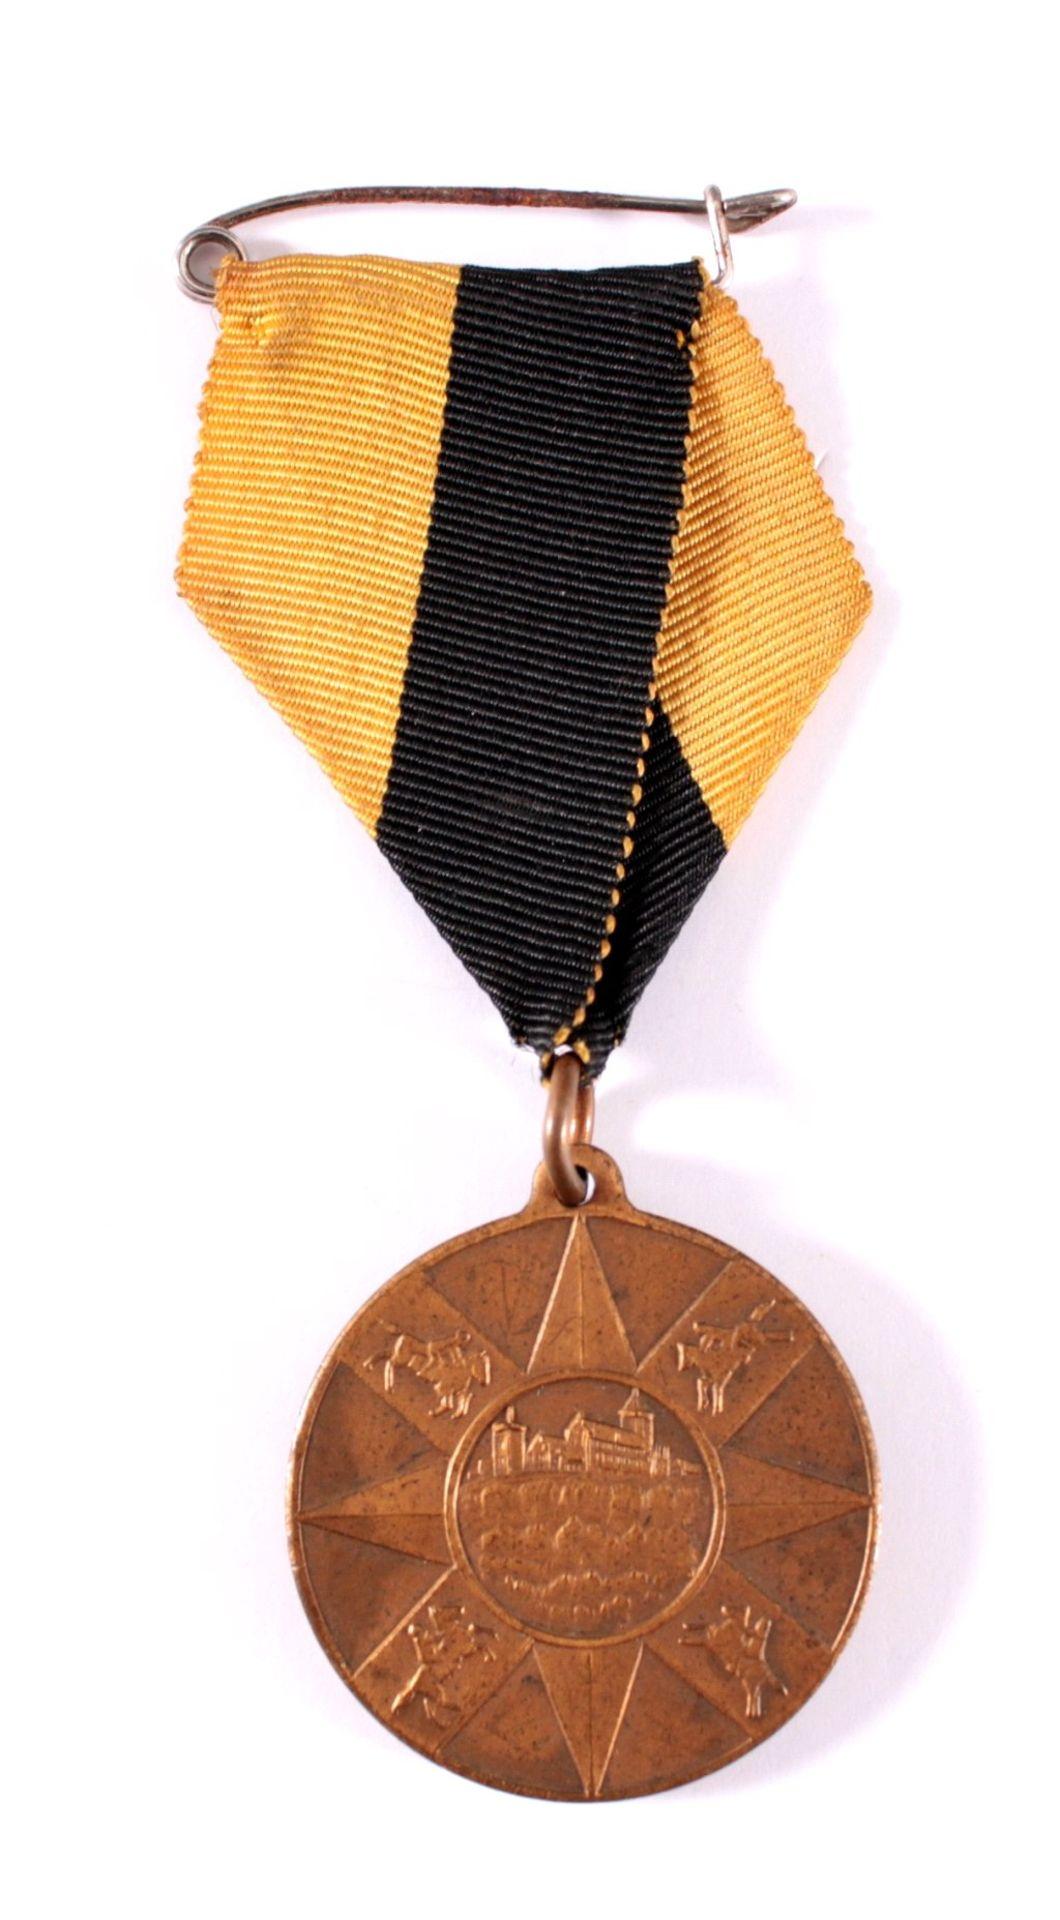 Medaille Stern Staffetten Ritt, Eisenach 1931VS: ohne Text, Motive: Wartburg und 4 Reiter im